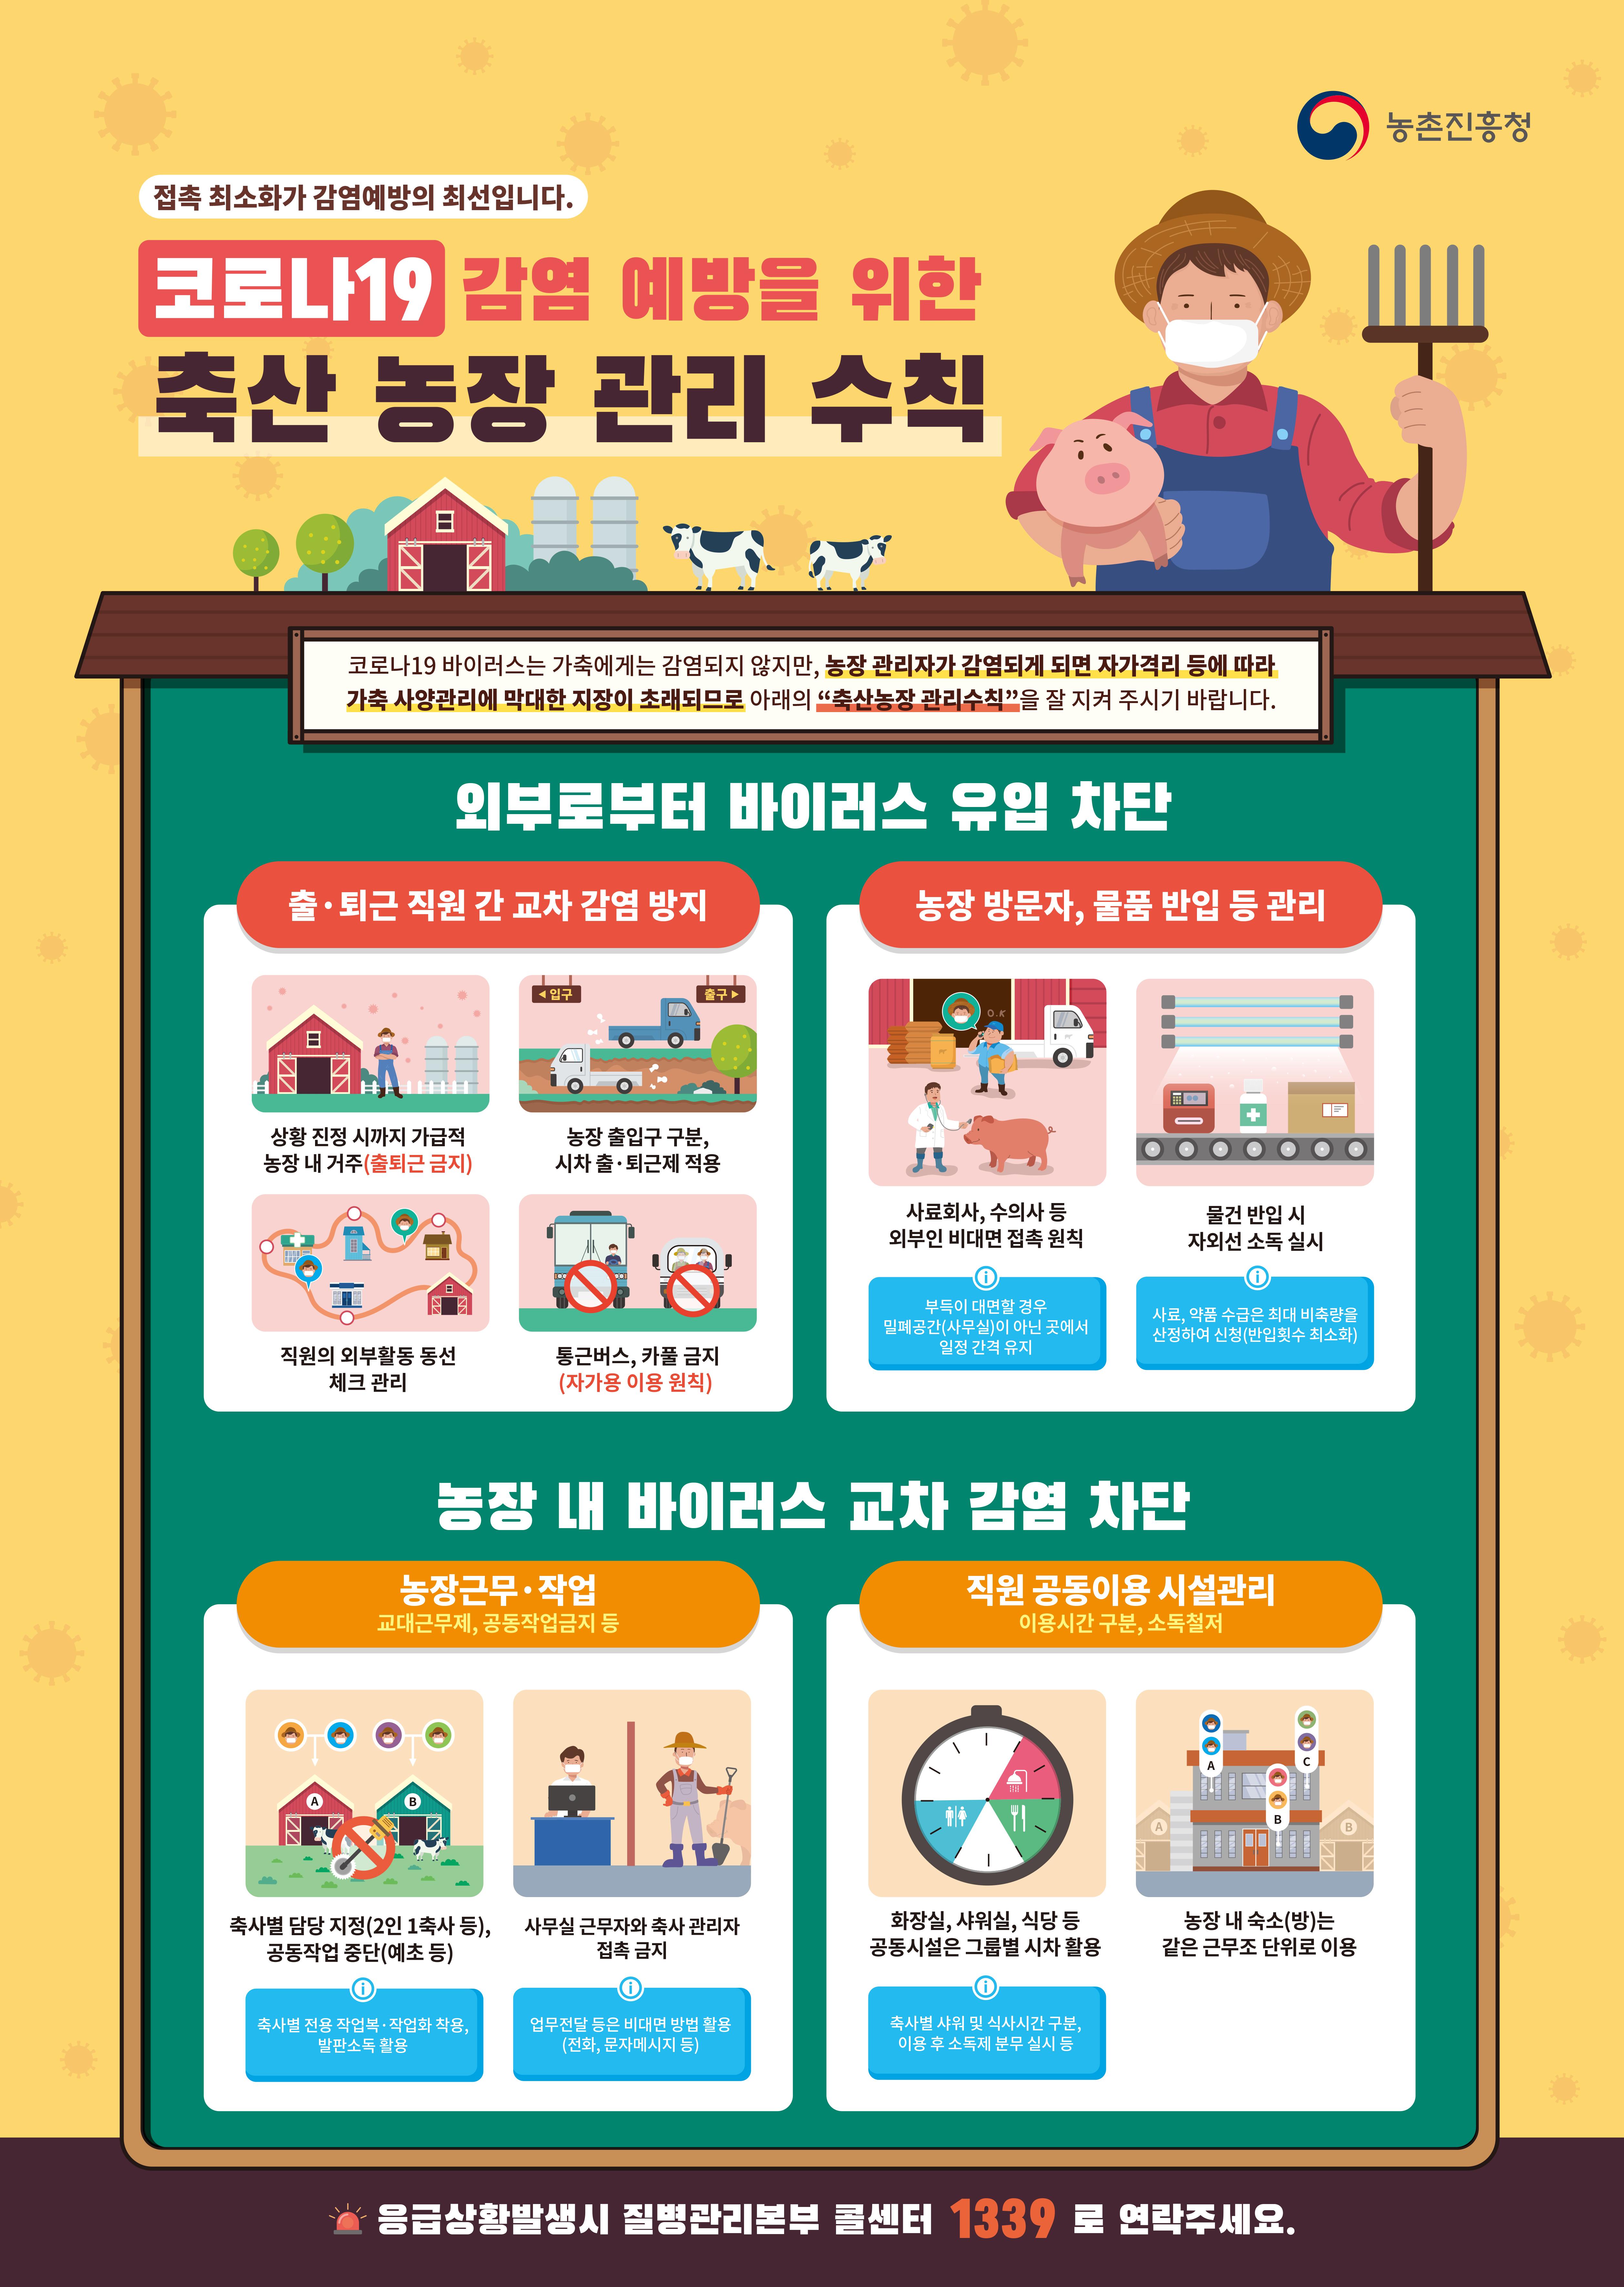 코로나19 감염 예방을 위한 축산 농장 관리 수칙.jpg